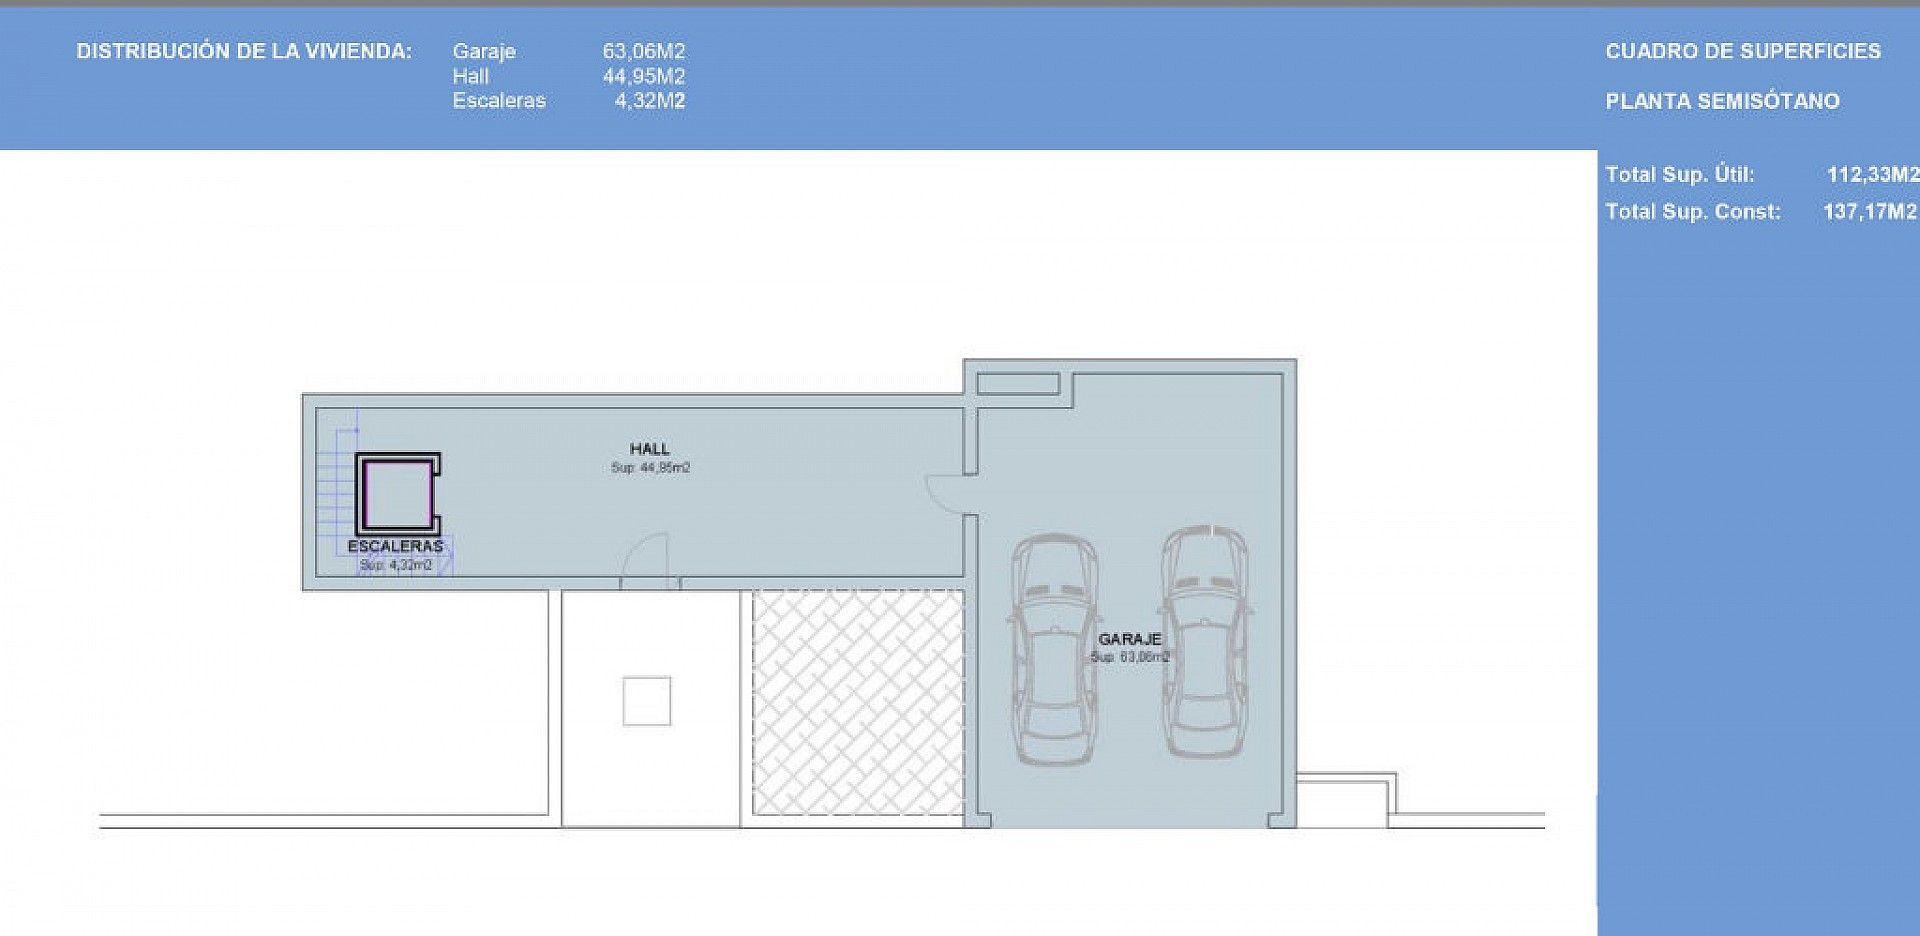 w_te-koop-huis-project-moraira-teulada-costa-blanca-nf2028-010-3.jpg